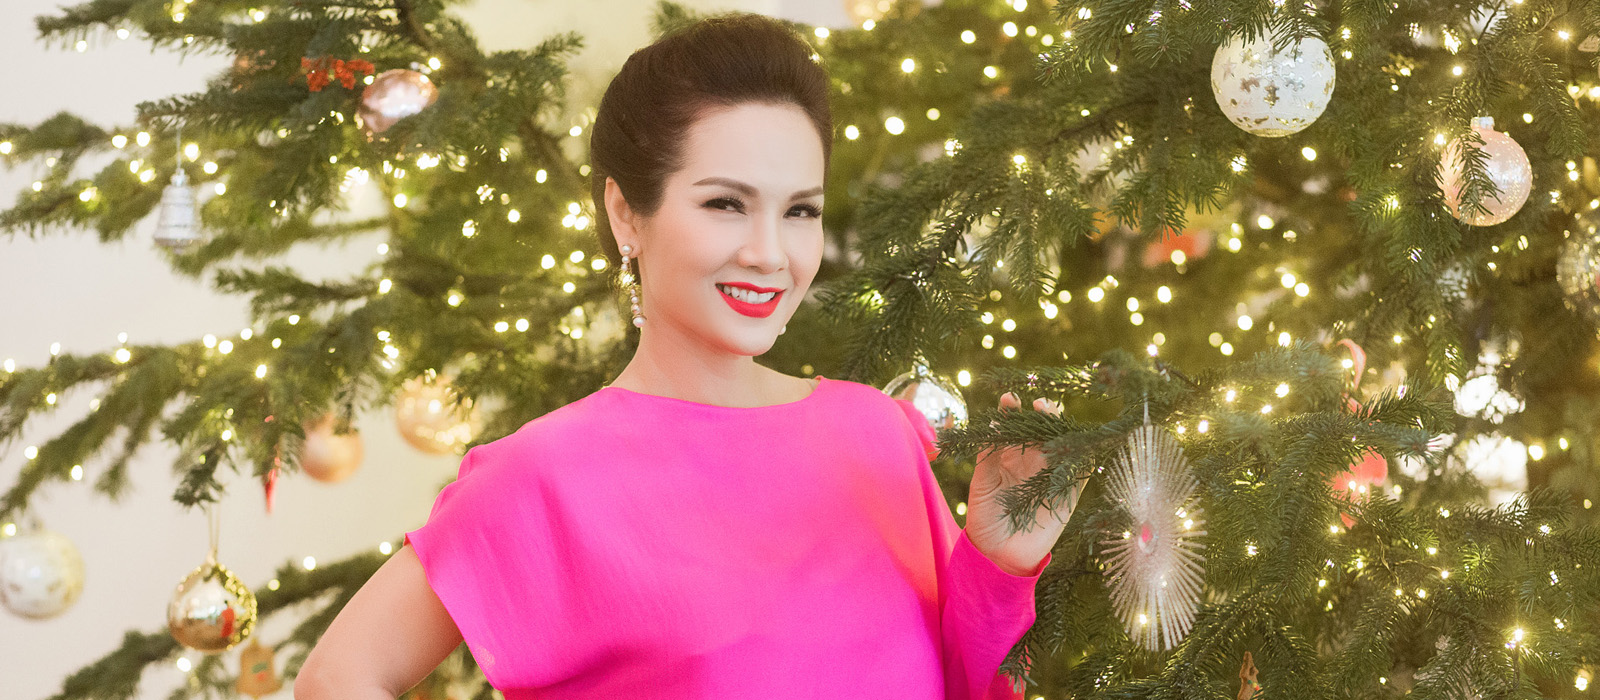 Hoa hậu Kiều Khanh 9